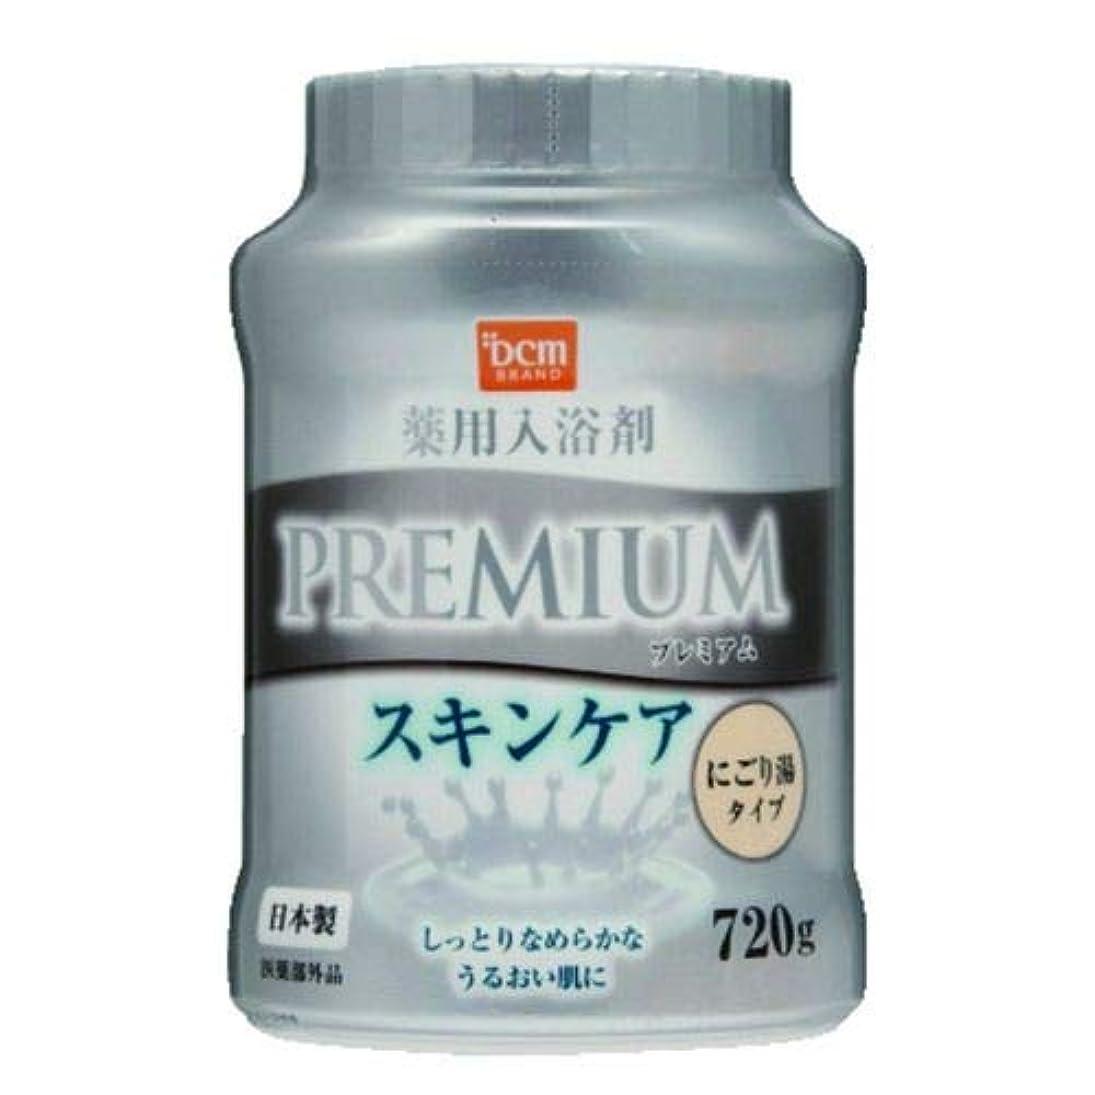 アームストロングモック永久にDCM薬用入浴剤 スキンケア 720G